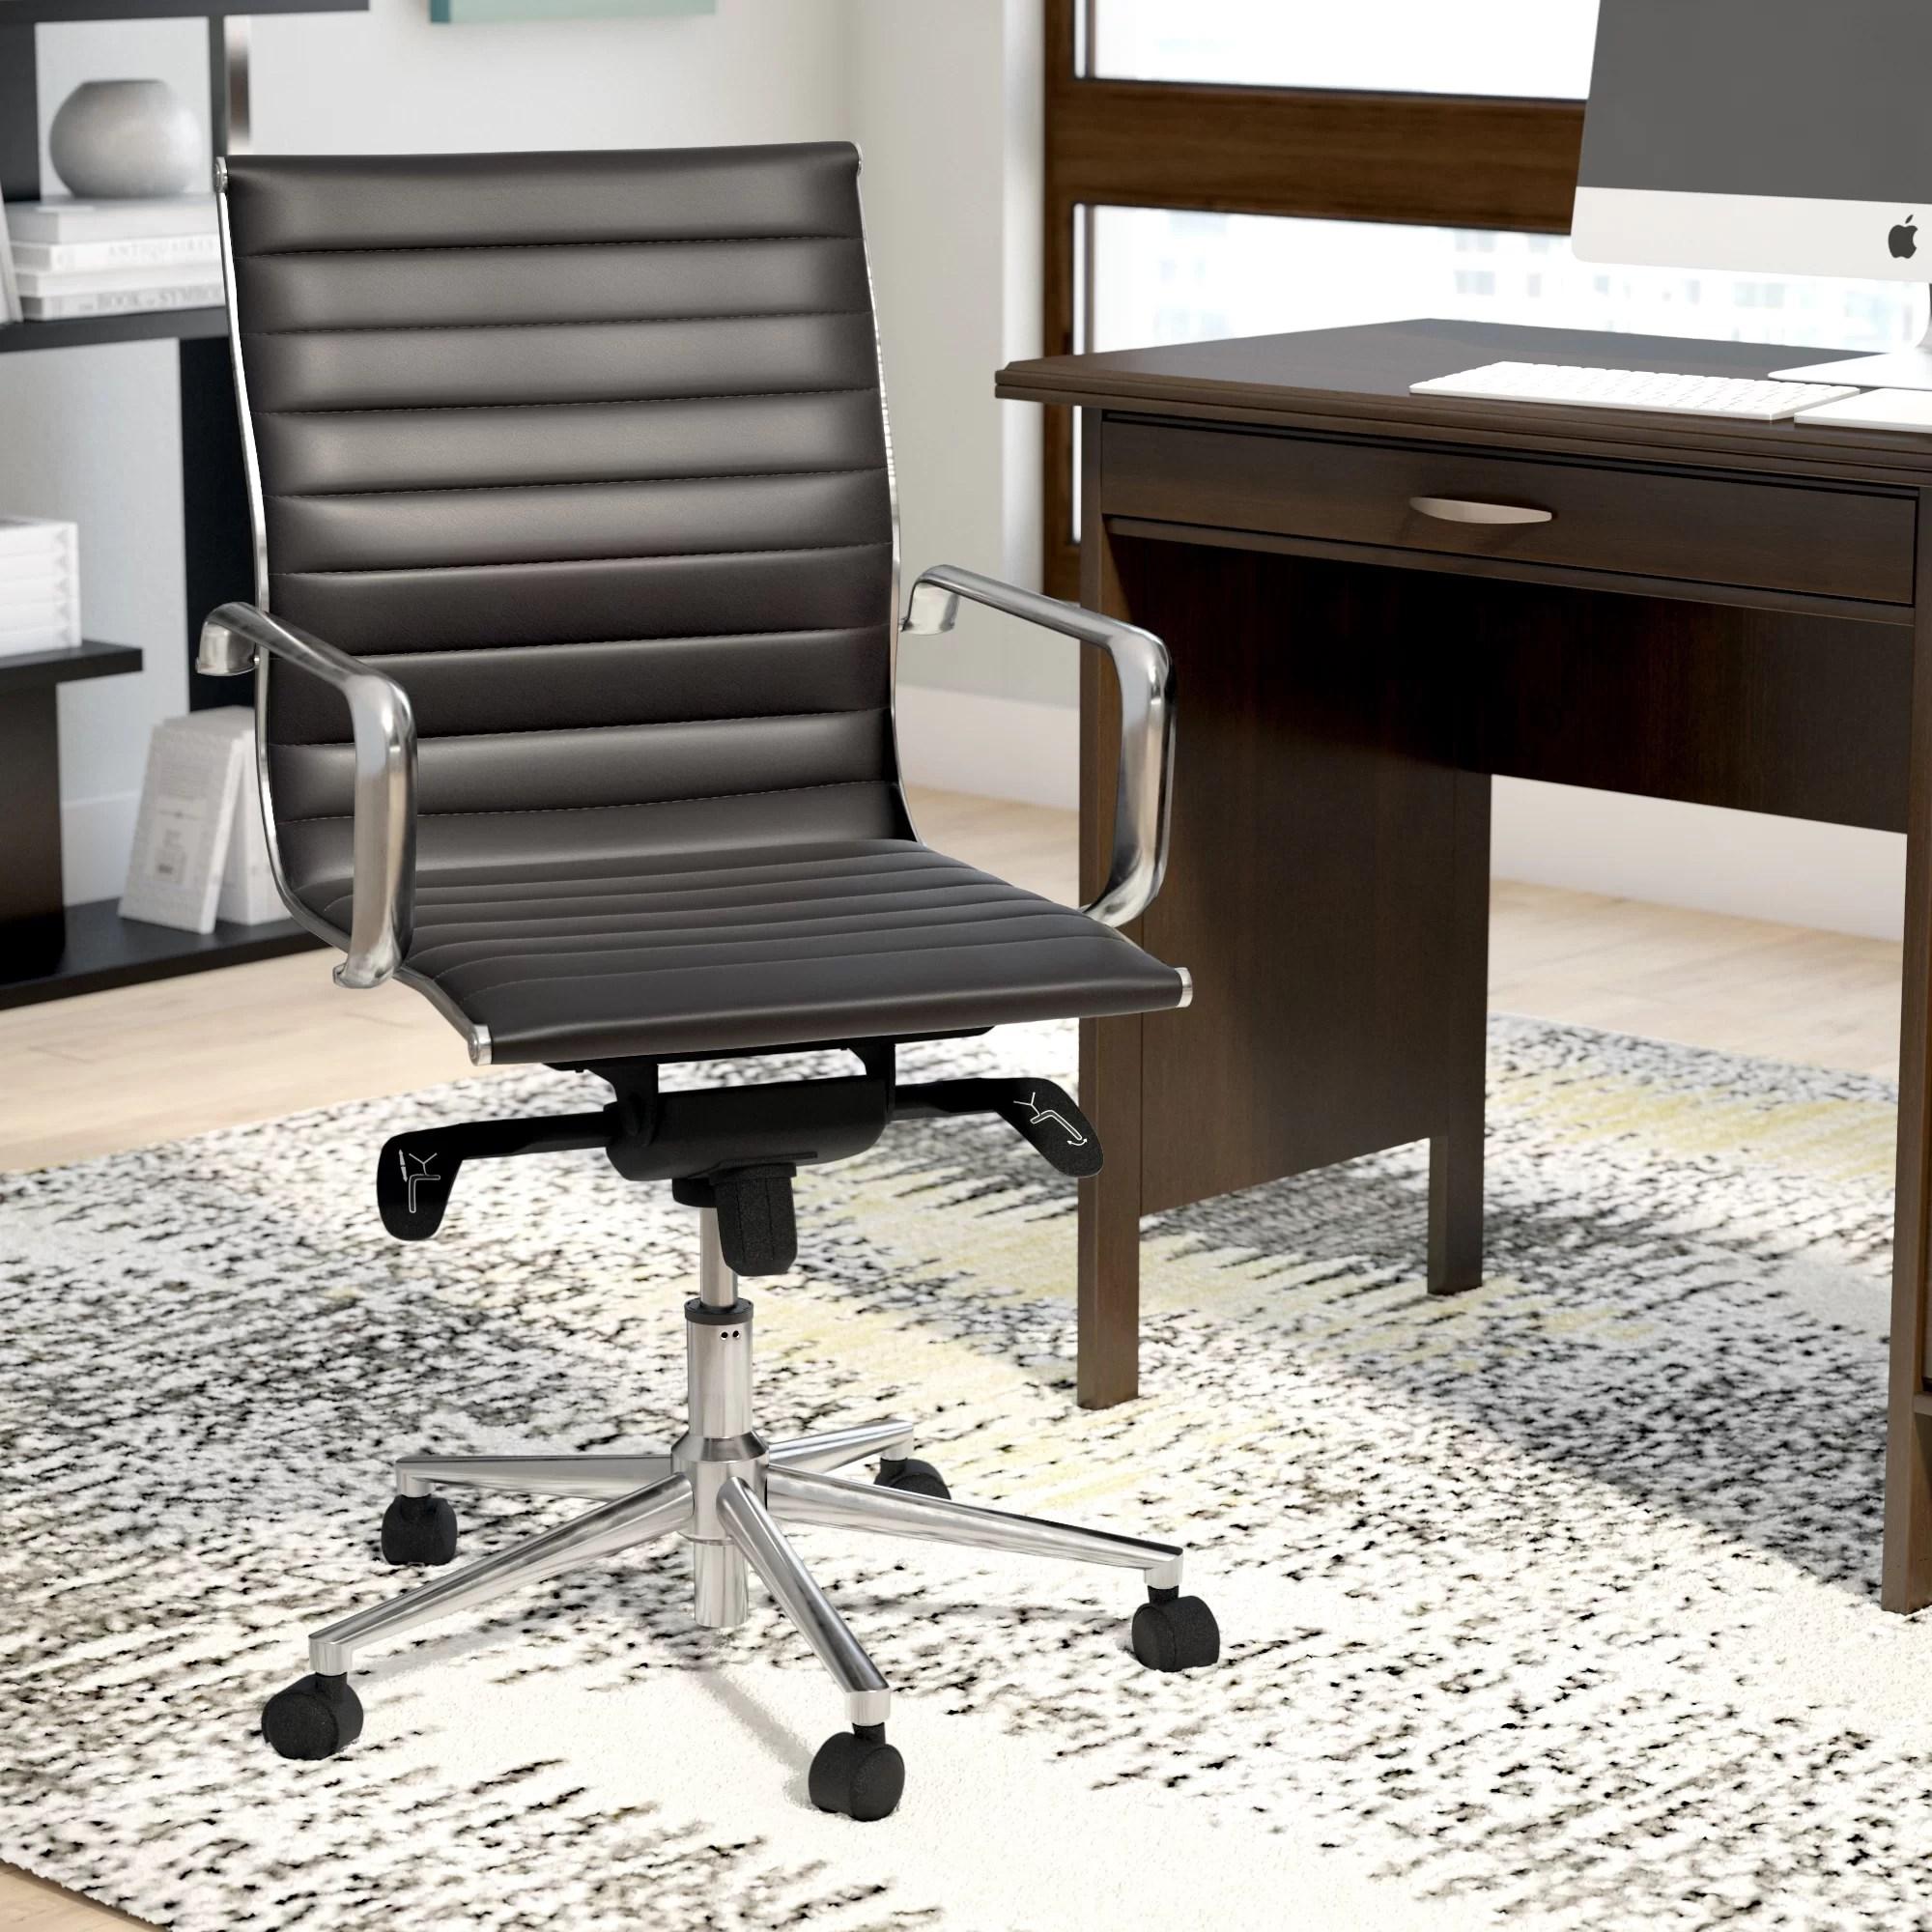 ergonomics desk chair best baby sit me up wade logan annabell ergonomic office reviews wayfair